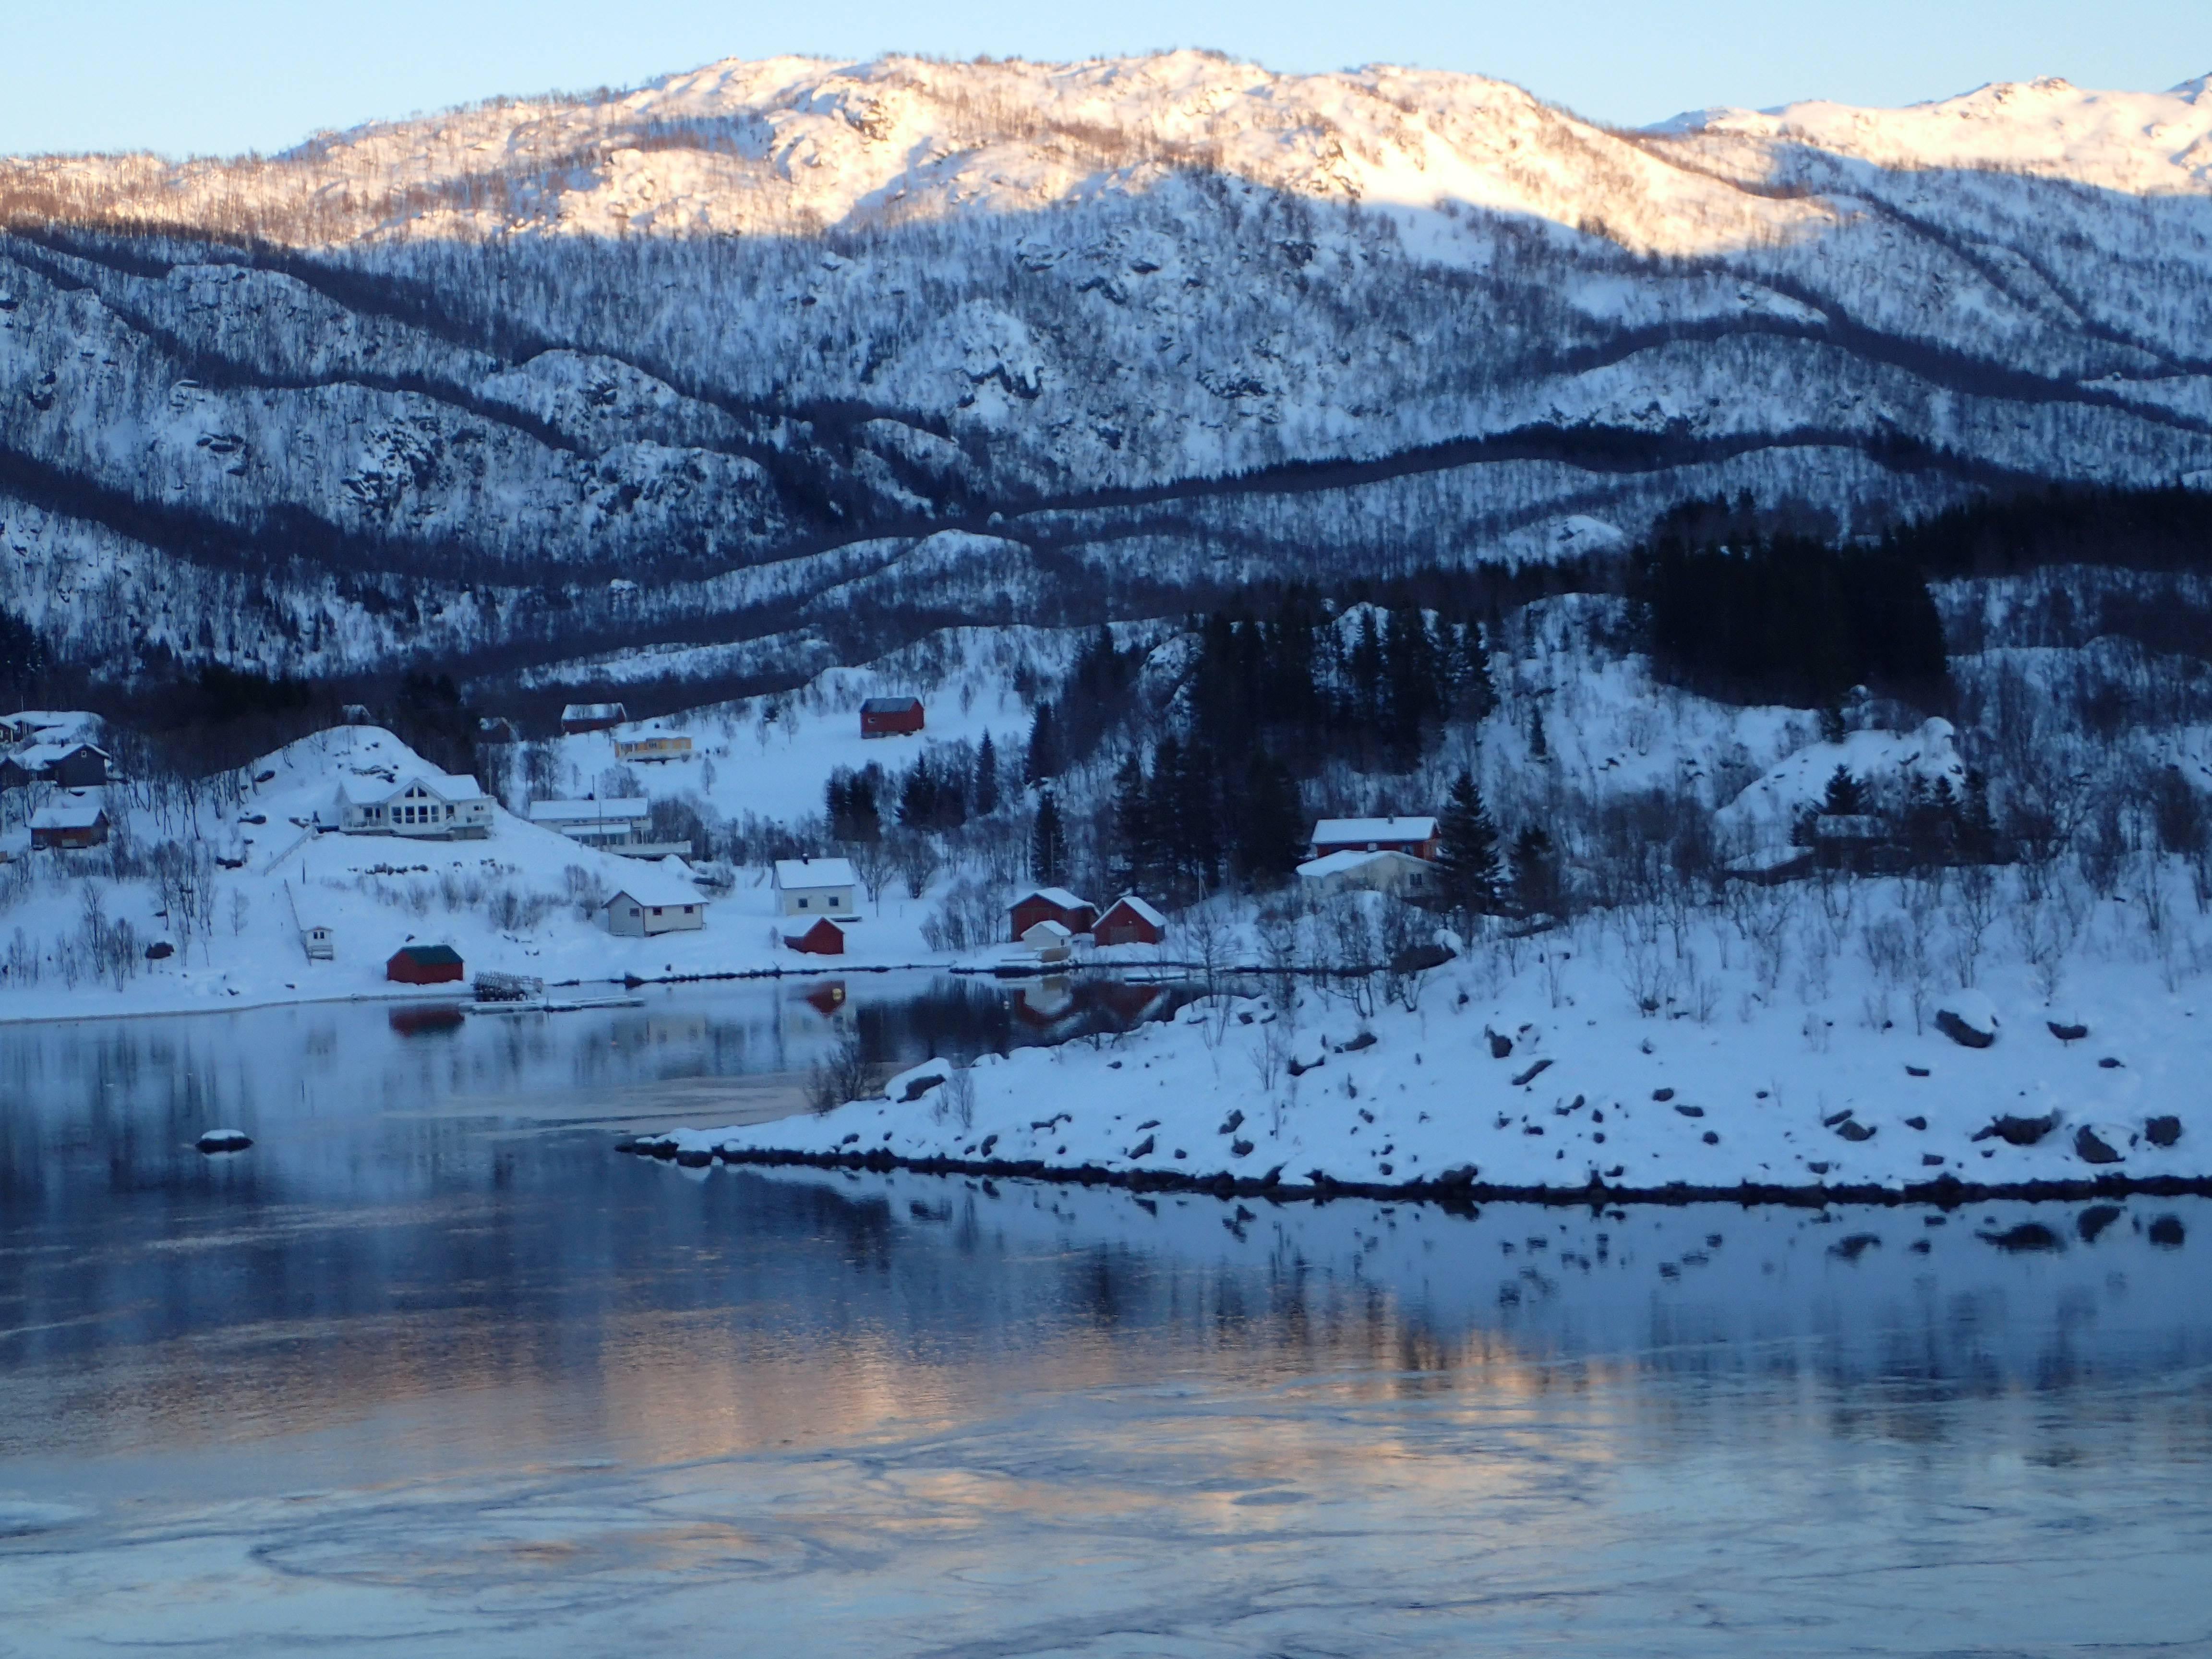 Photo 2: Croisère dans les fjords norvégiens